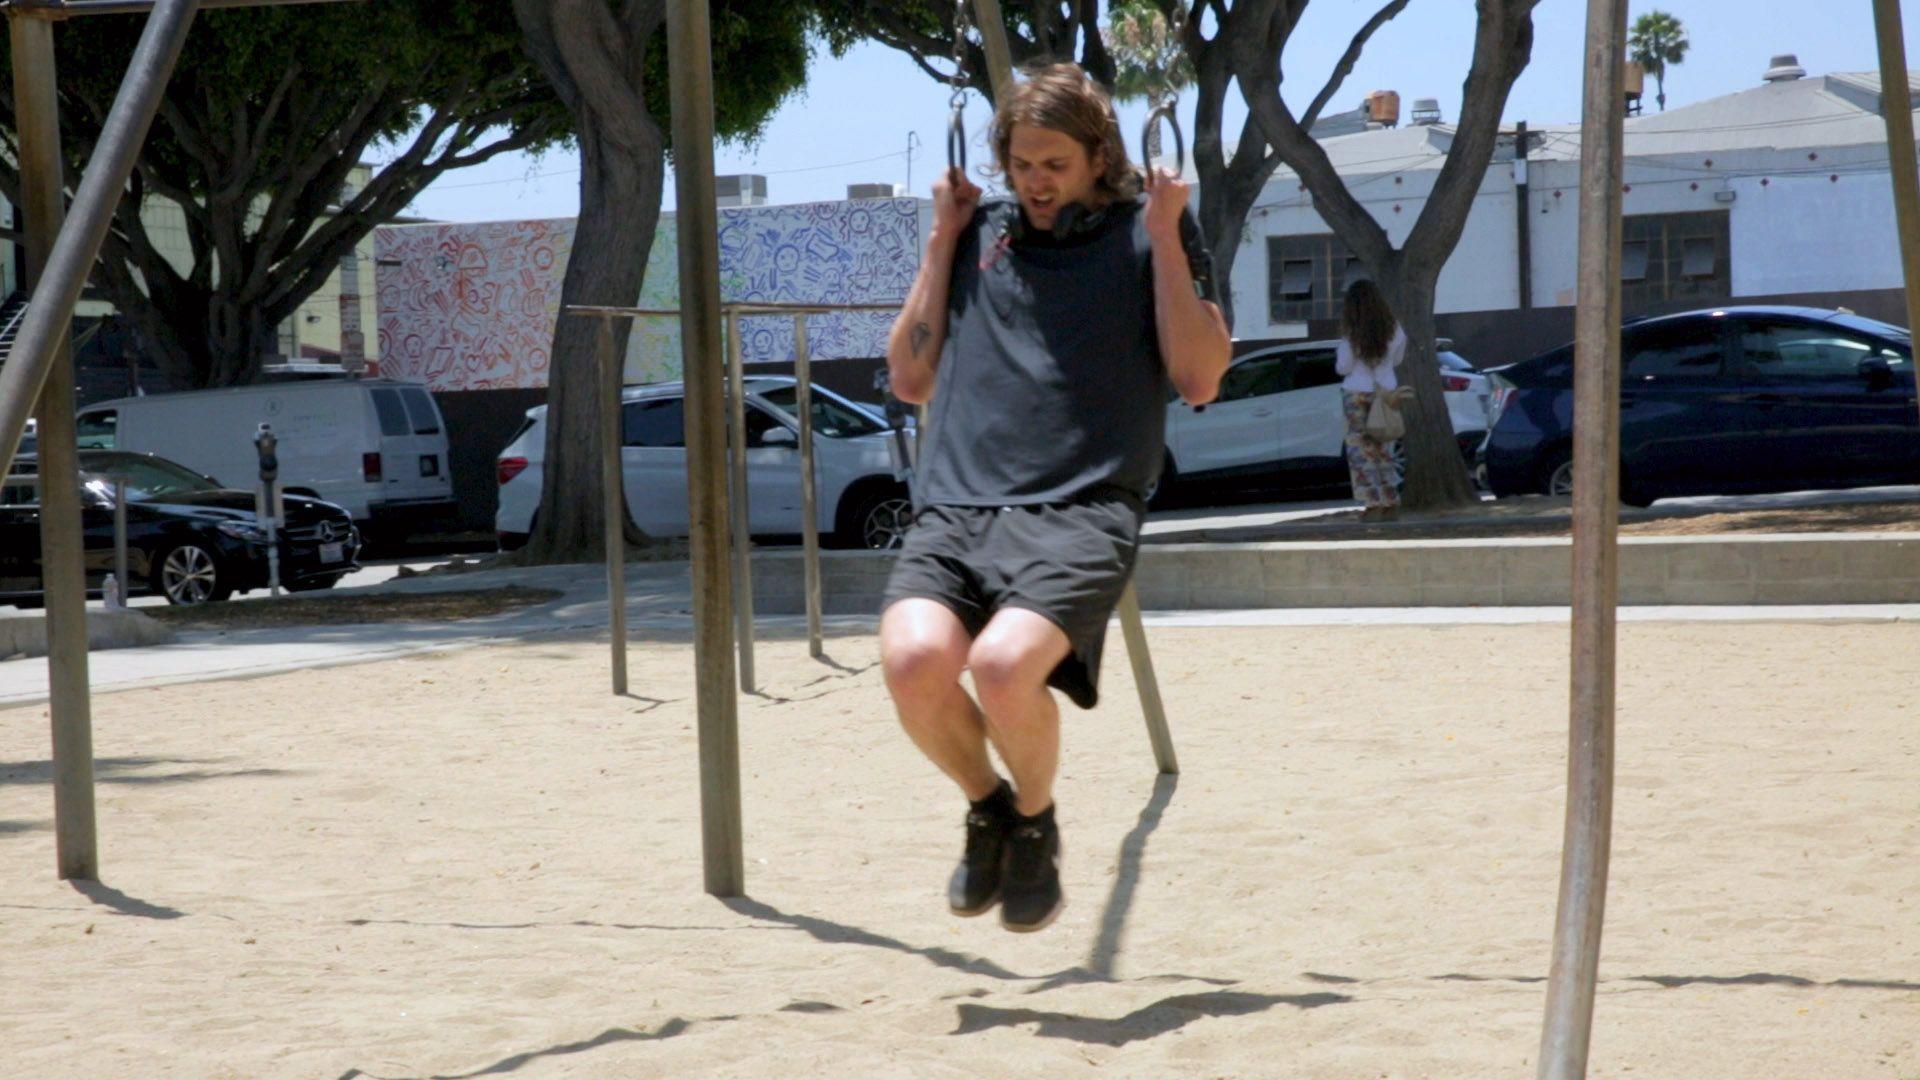 Som en viktig del av det å være kjendis i Hollywood, må alt i gamet være på plass. Skinny viser hvordan trening og helse opprettholdes i en ellers hektisk hverdag.